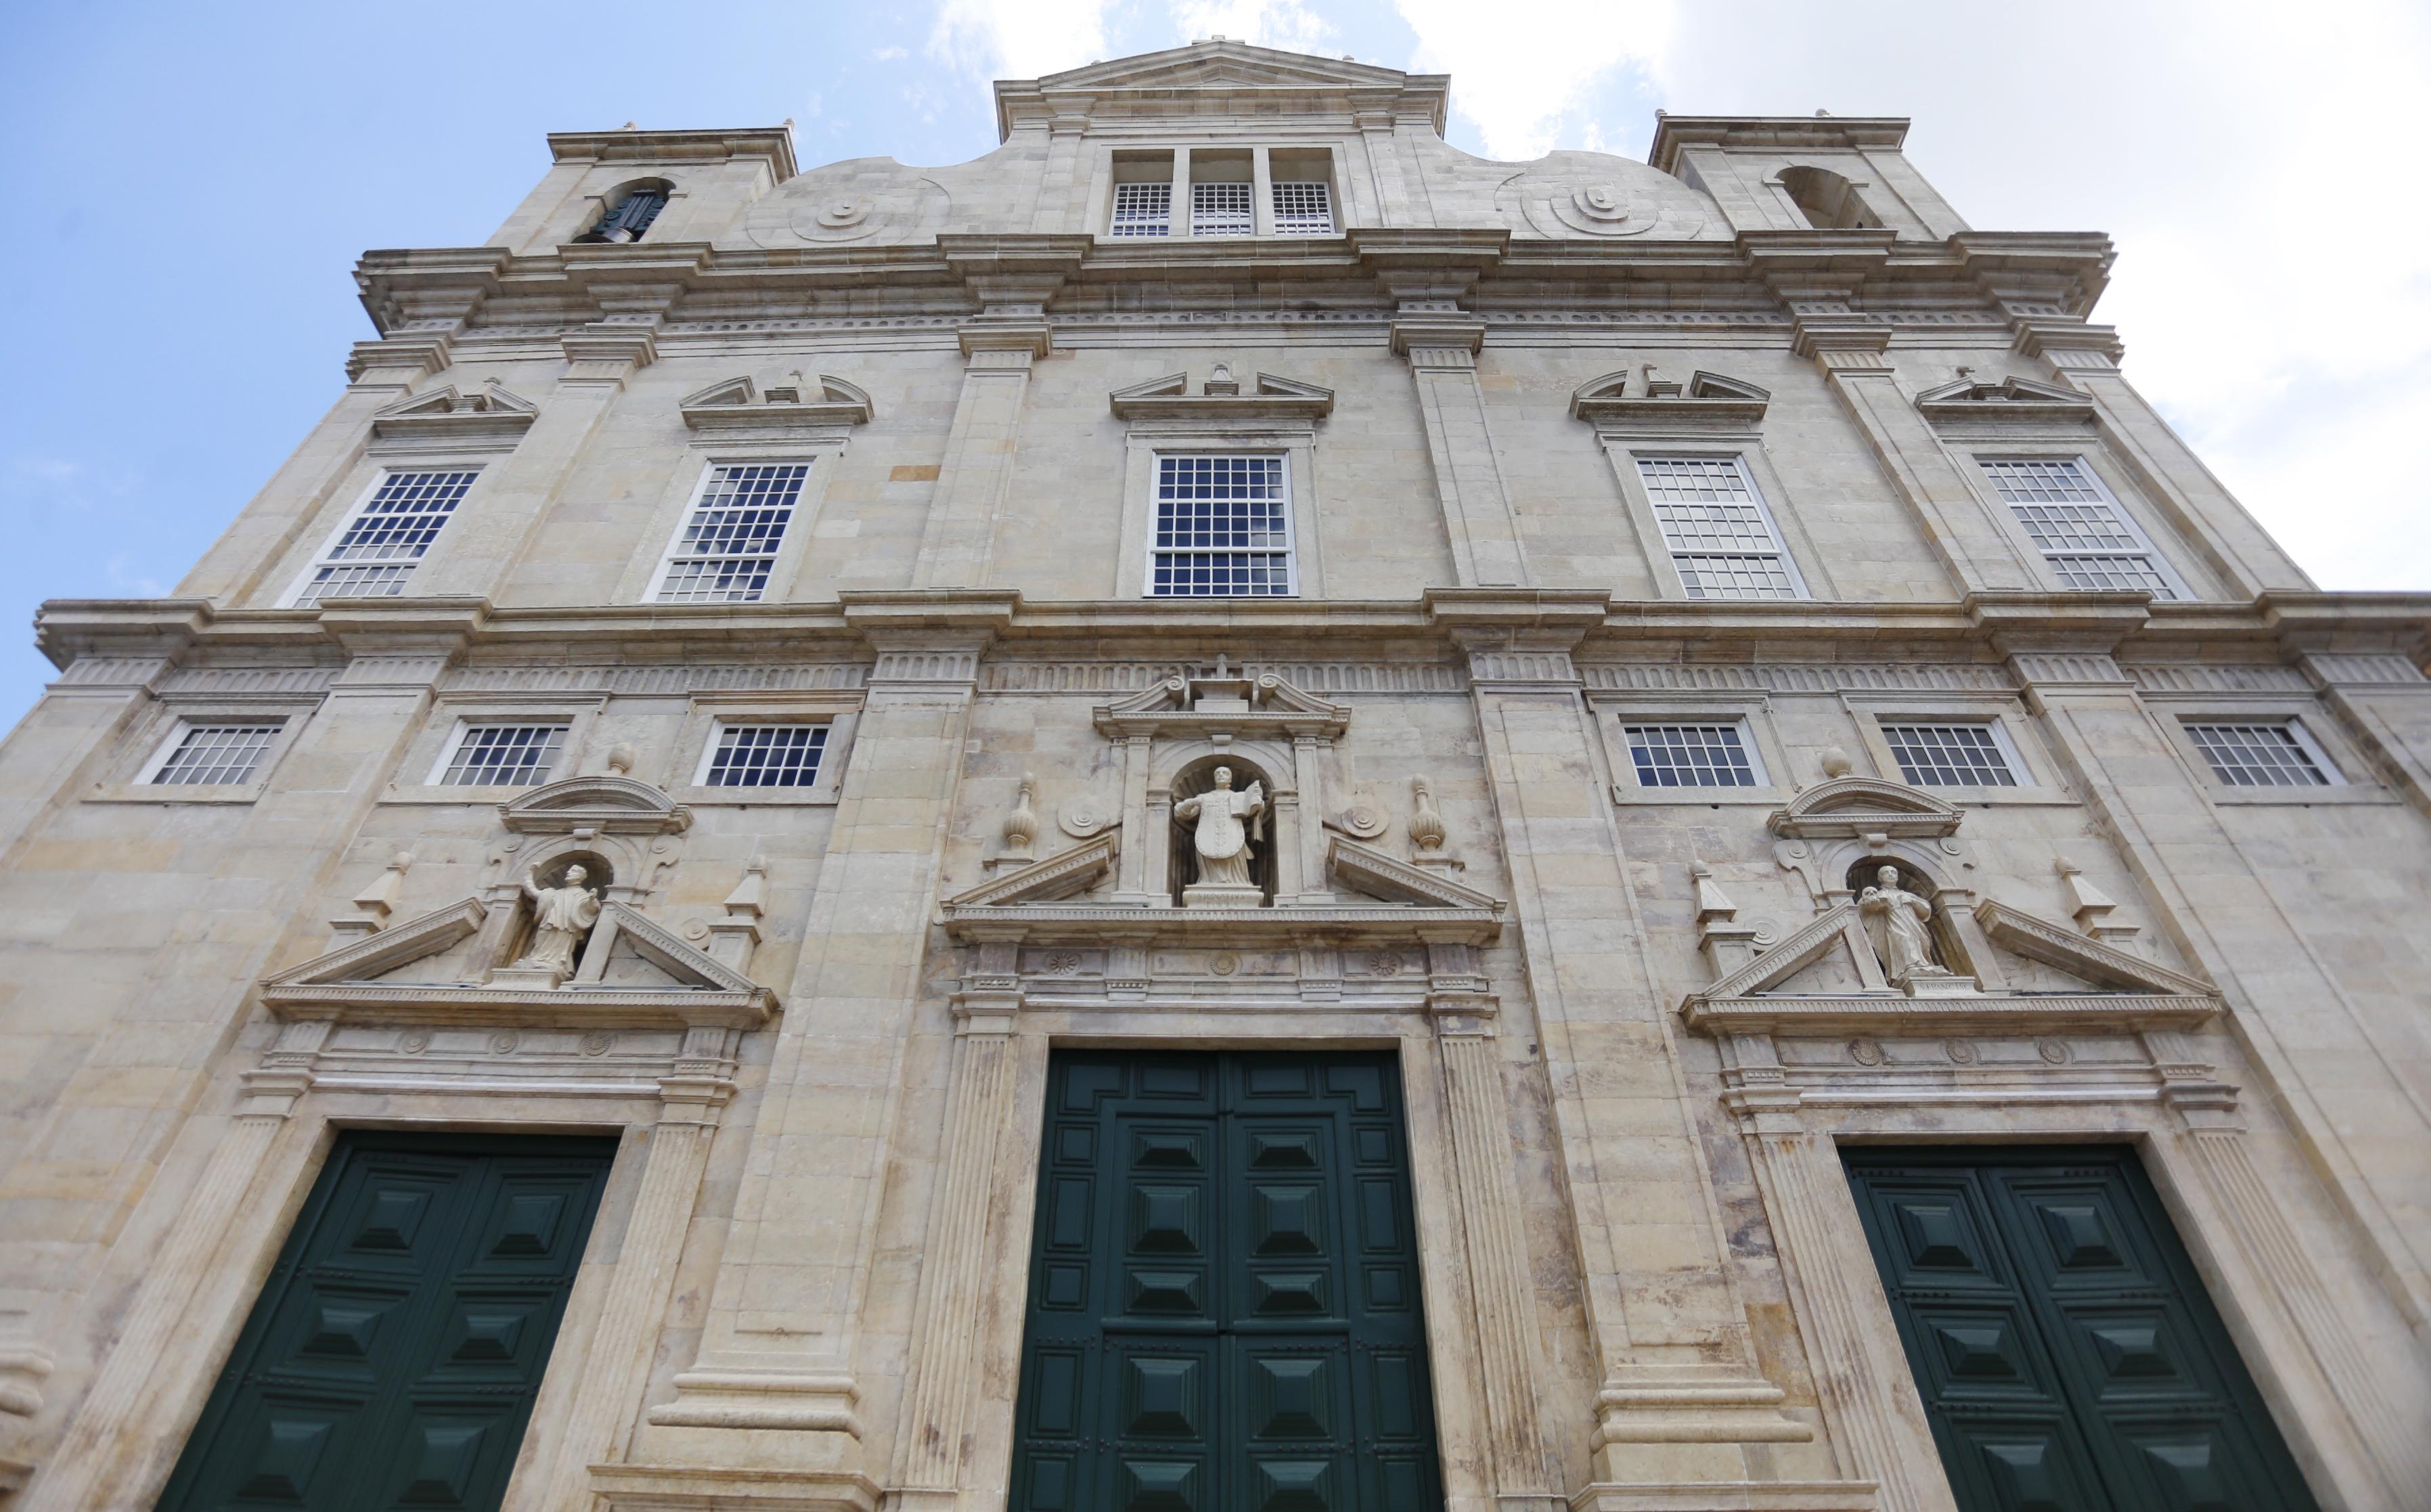 A fachada em pedra de lioz, calcáreo português.